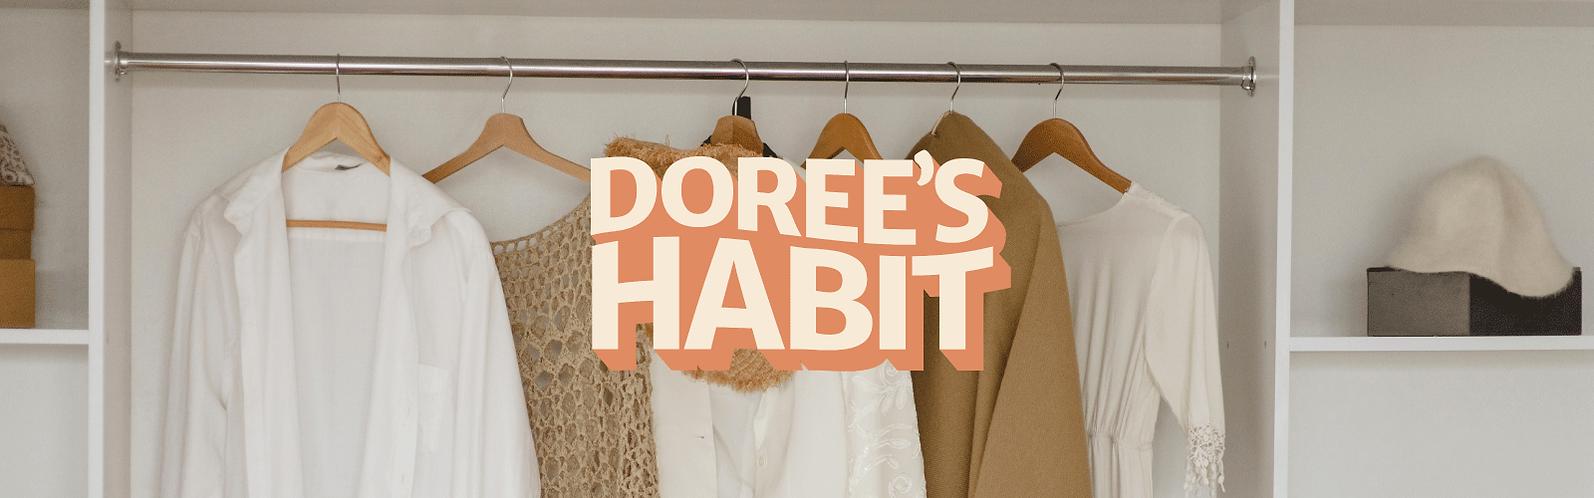 branding for dorees habit